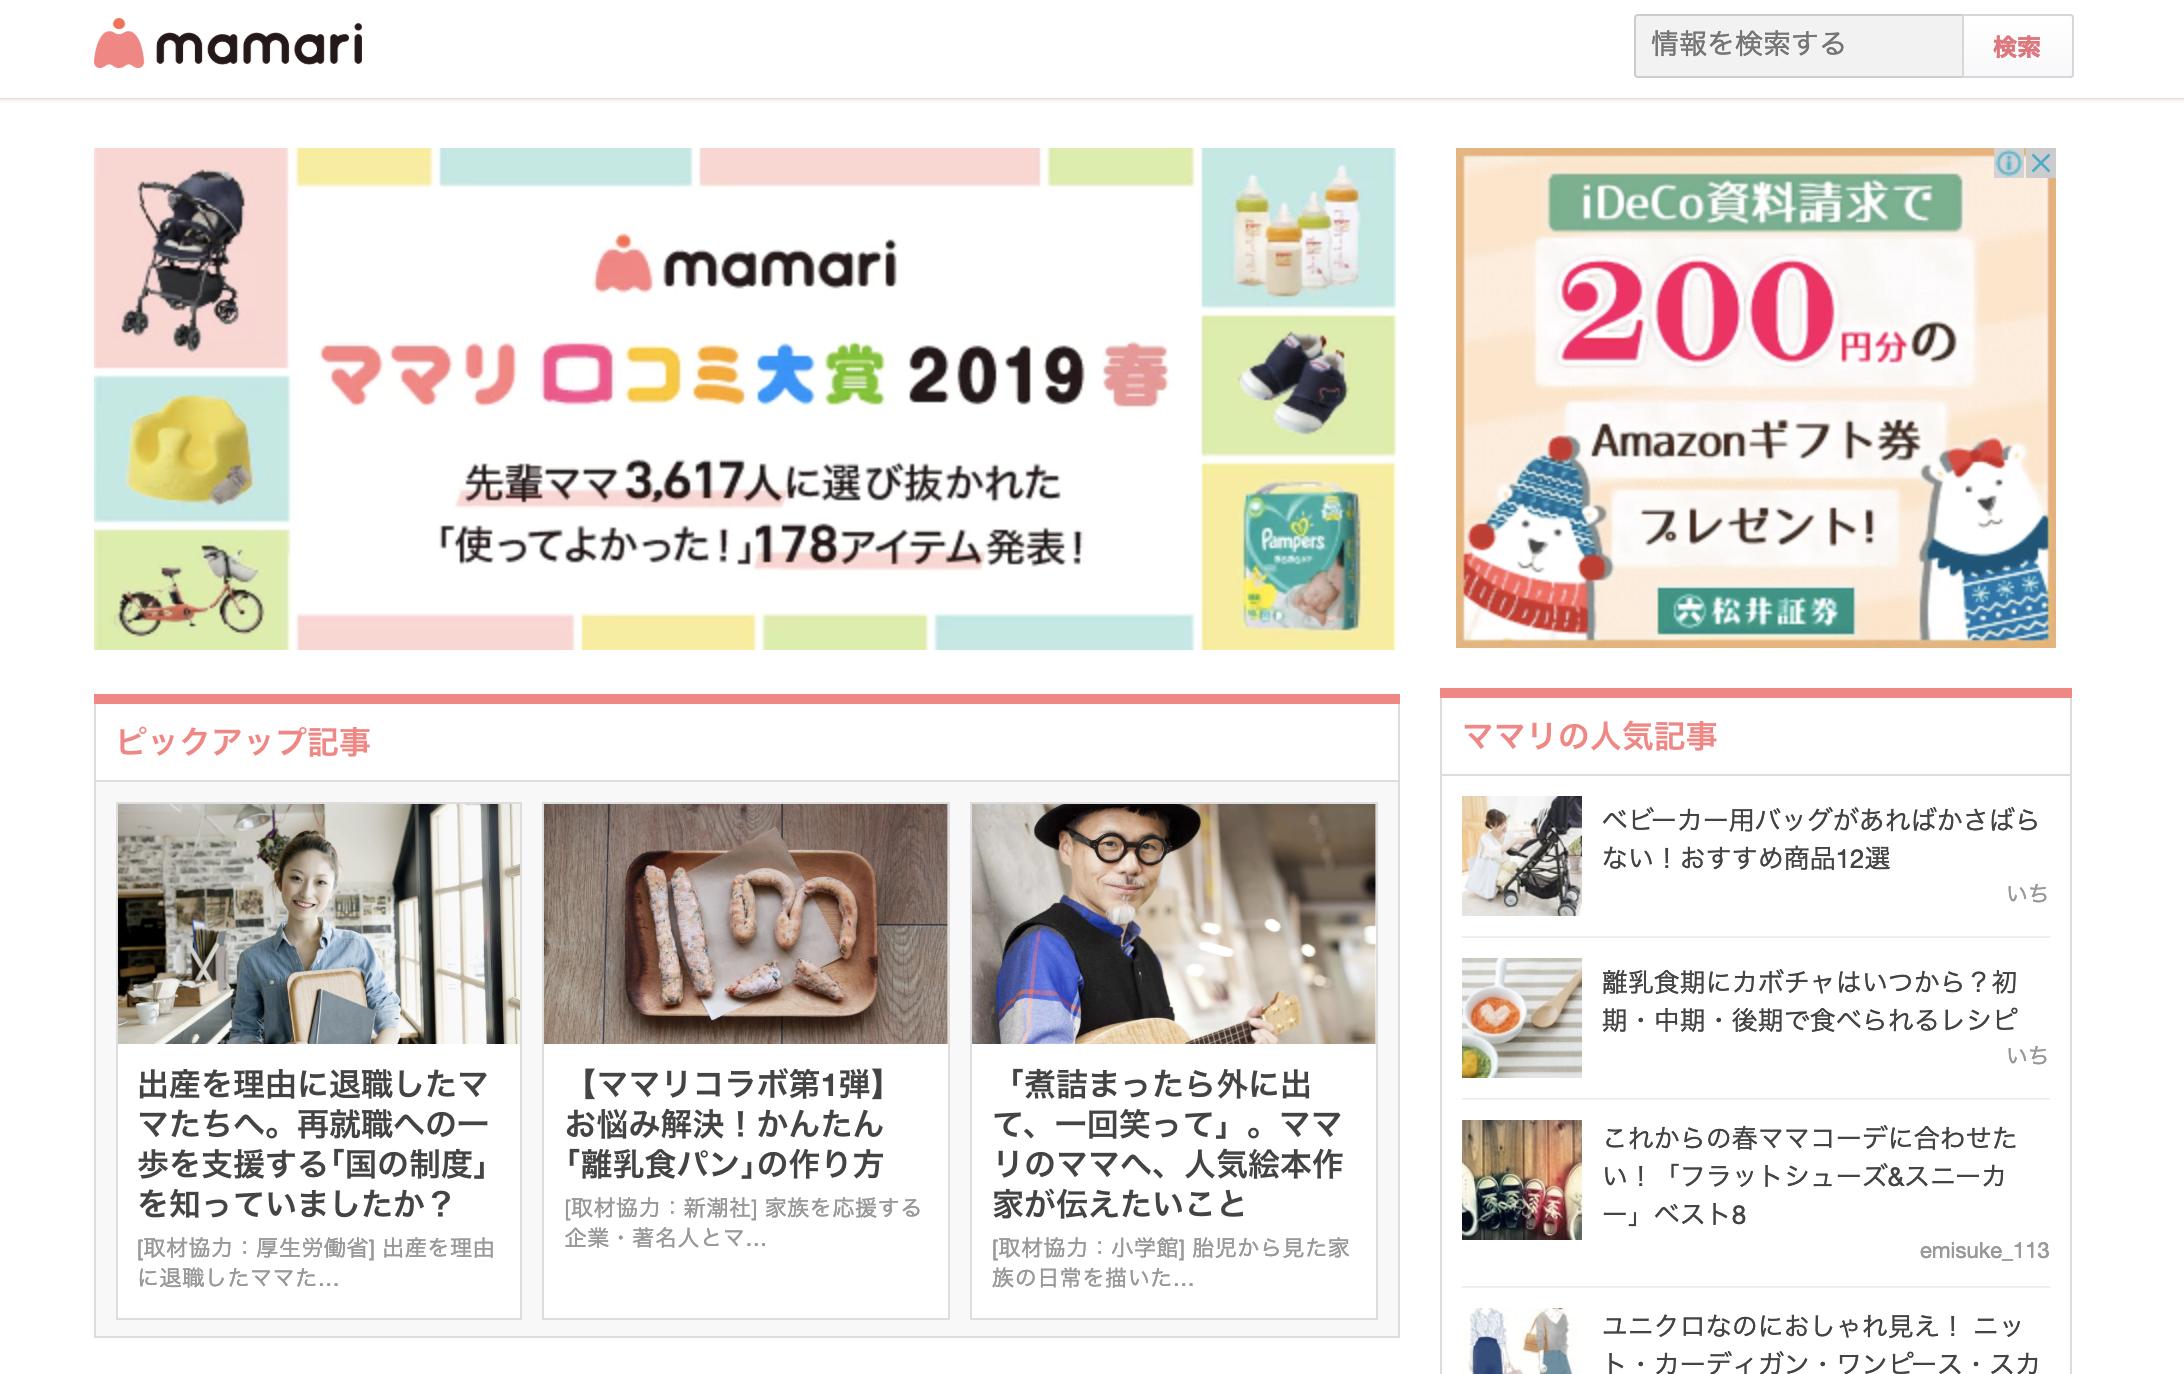 mamari_トップページ